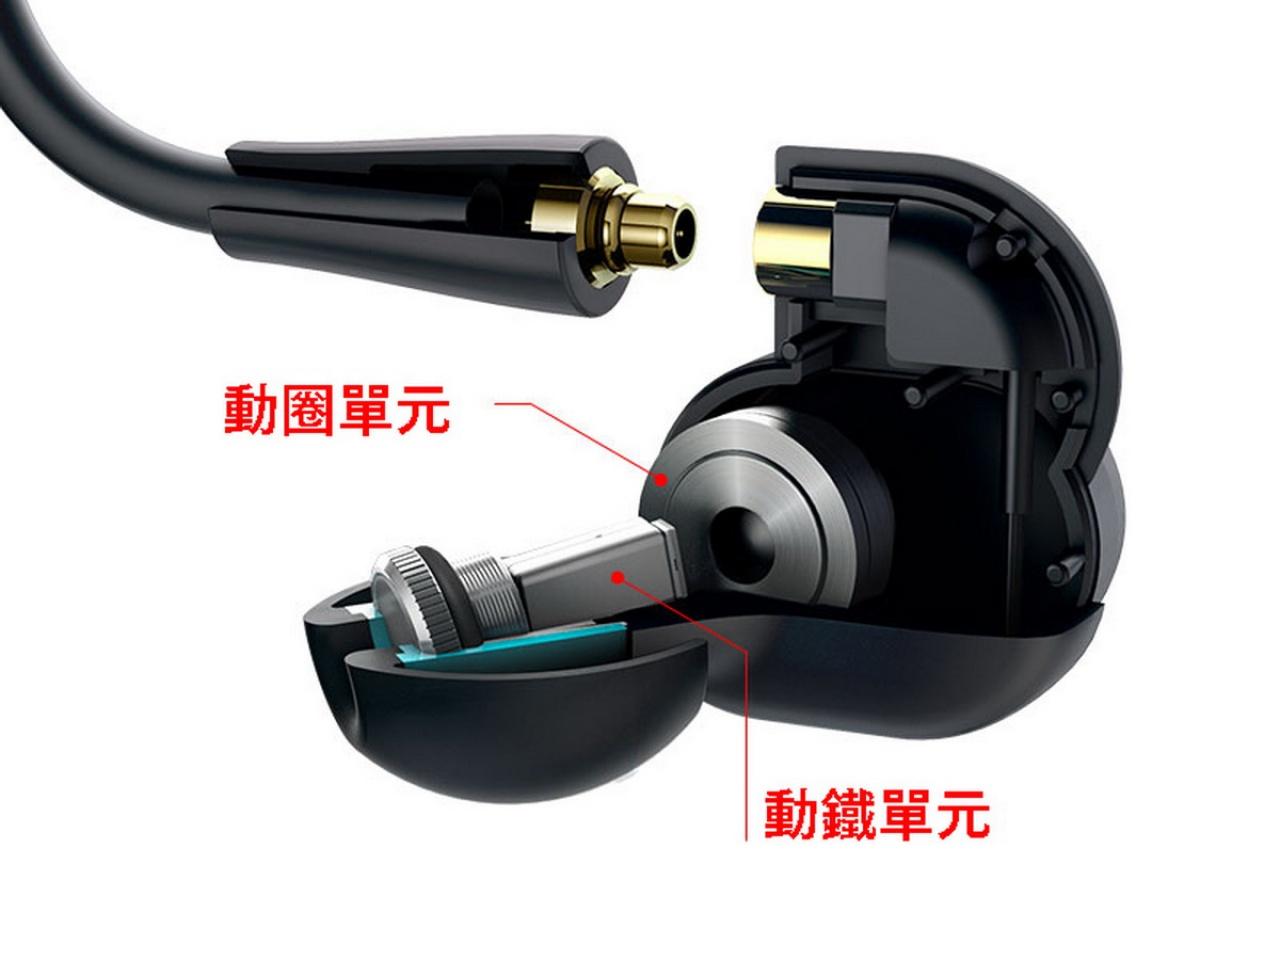 N40解剖圖,動鐵單元比動圈更細,足夠收納在耳道位置,而動圈則放在動鐵的尾部。